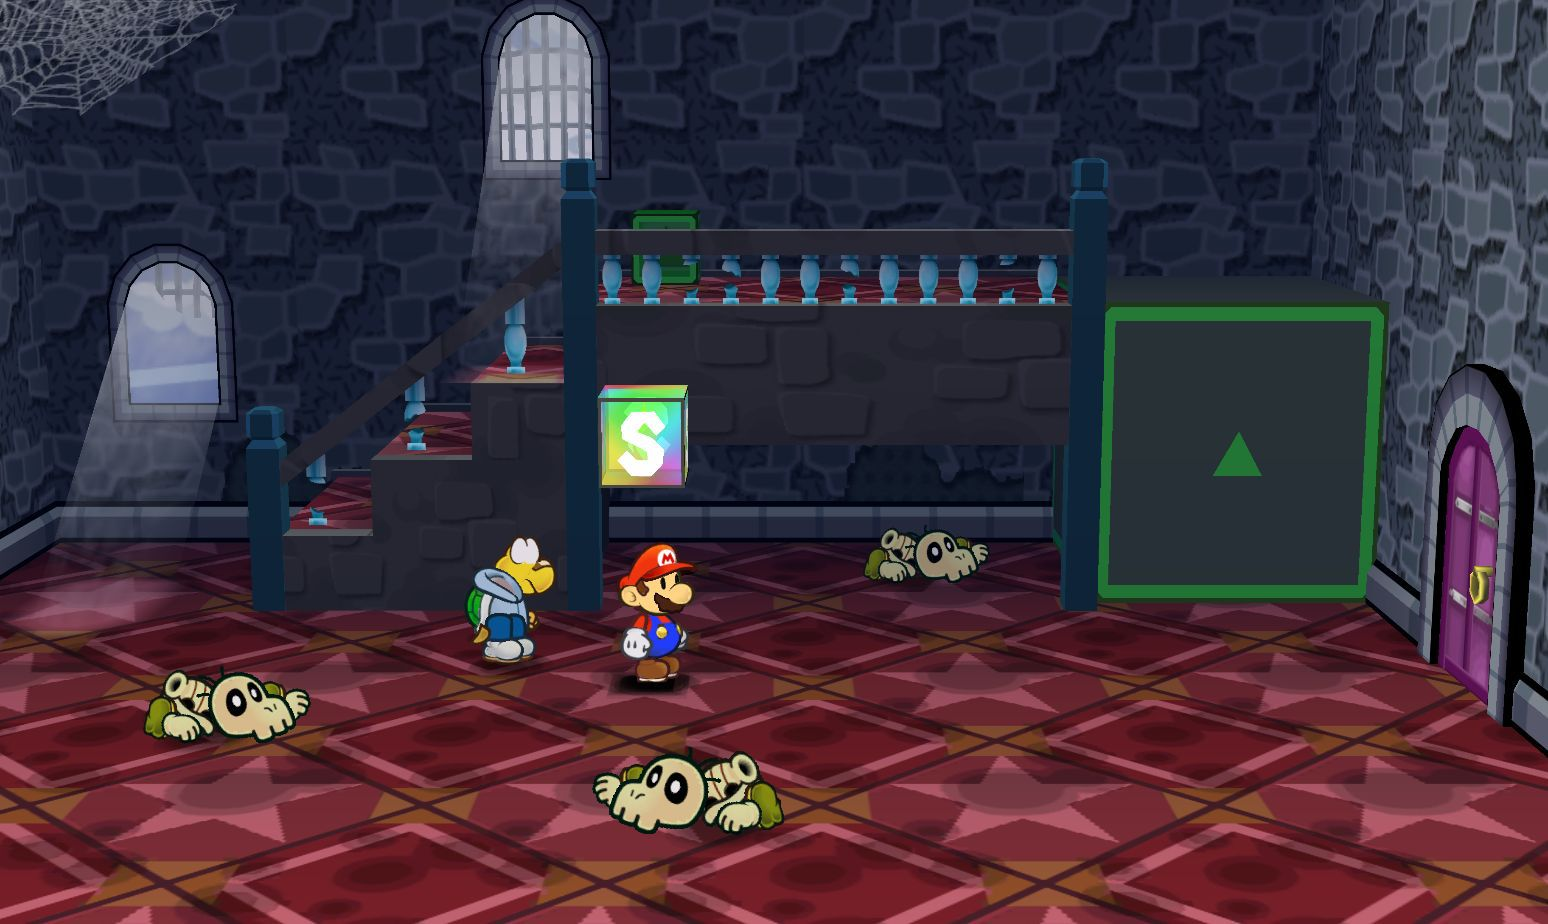 paper mario emulator flicker